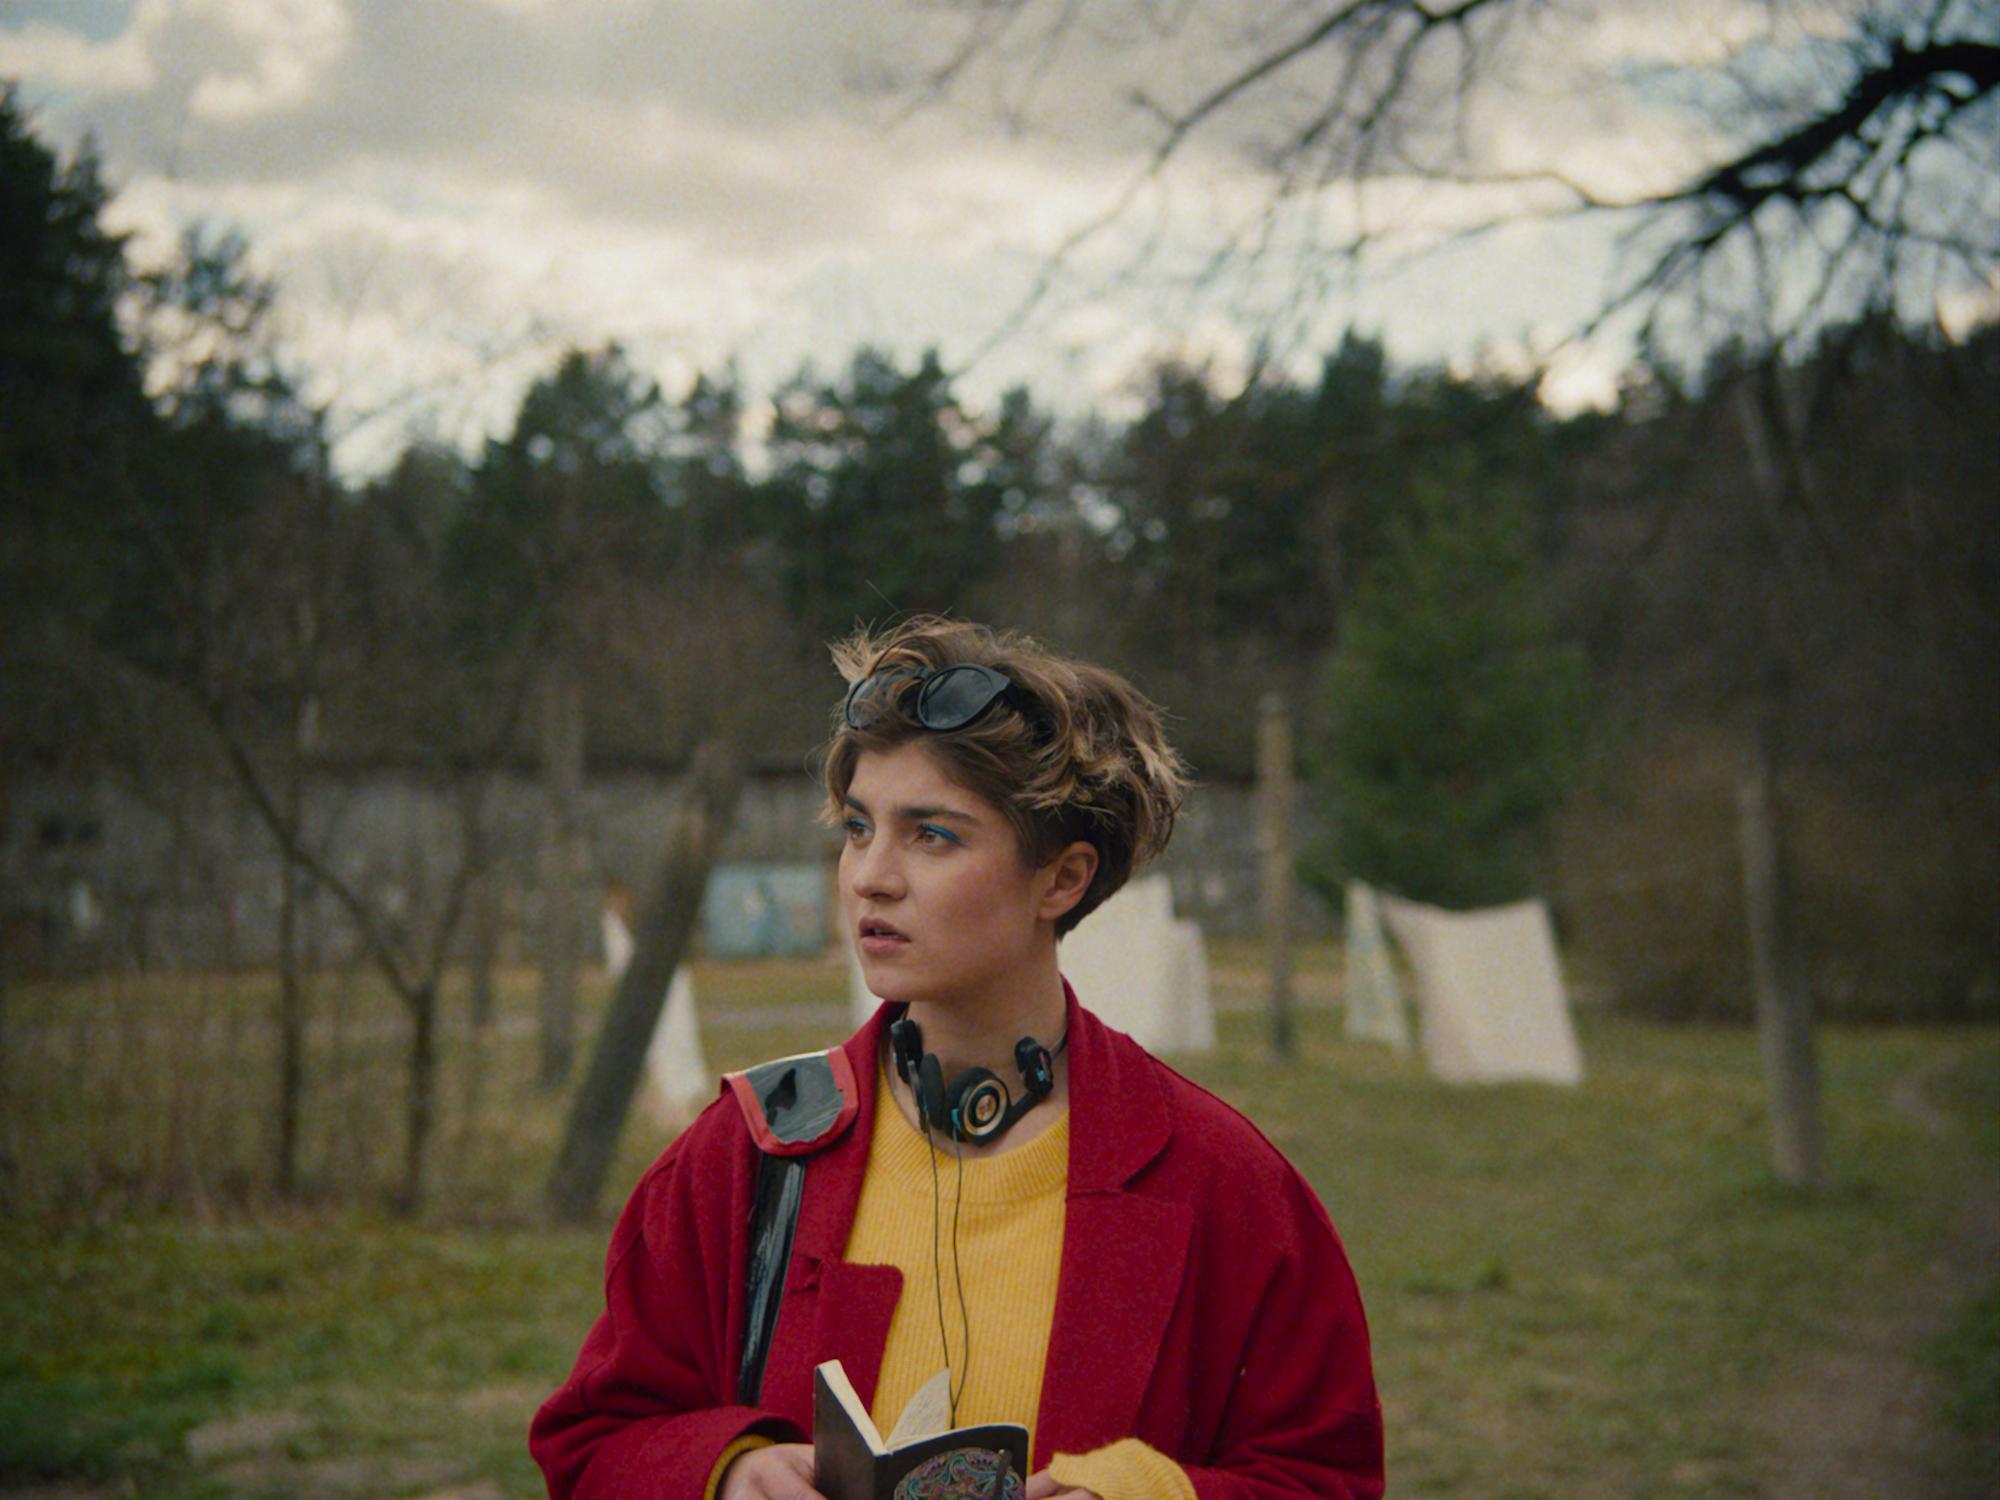 Фото из фильма Фильм - Хрусталь